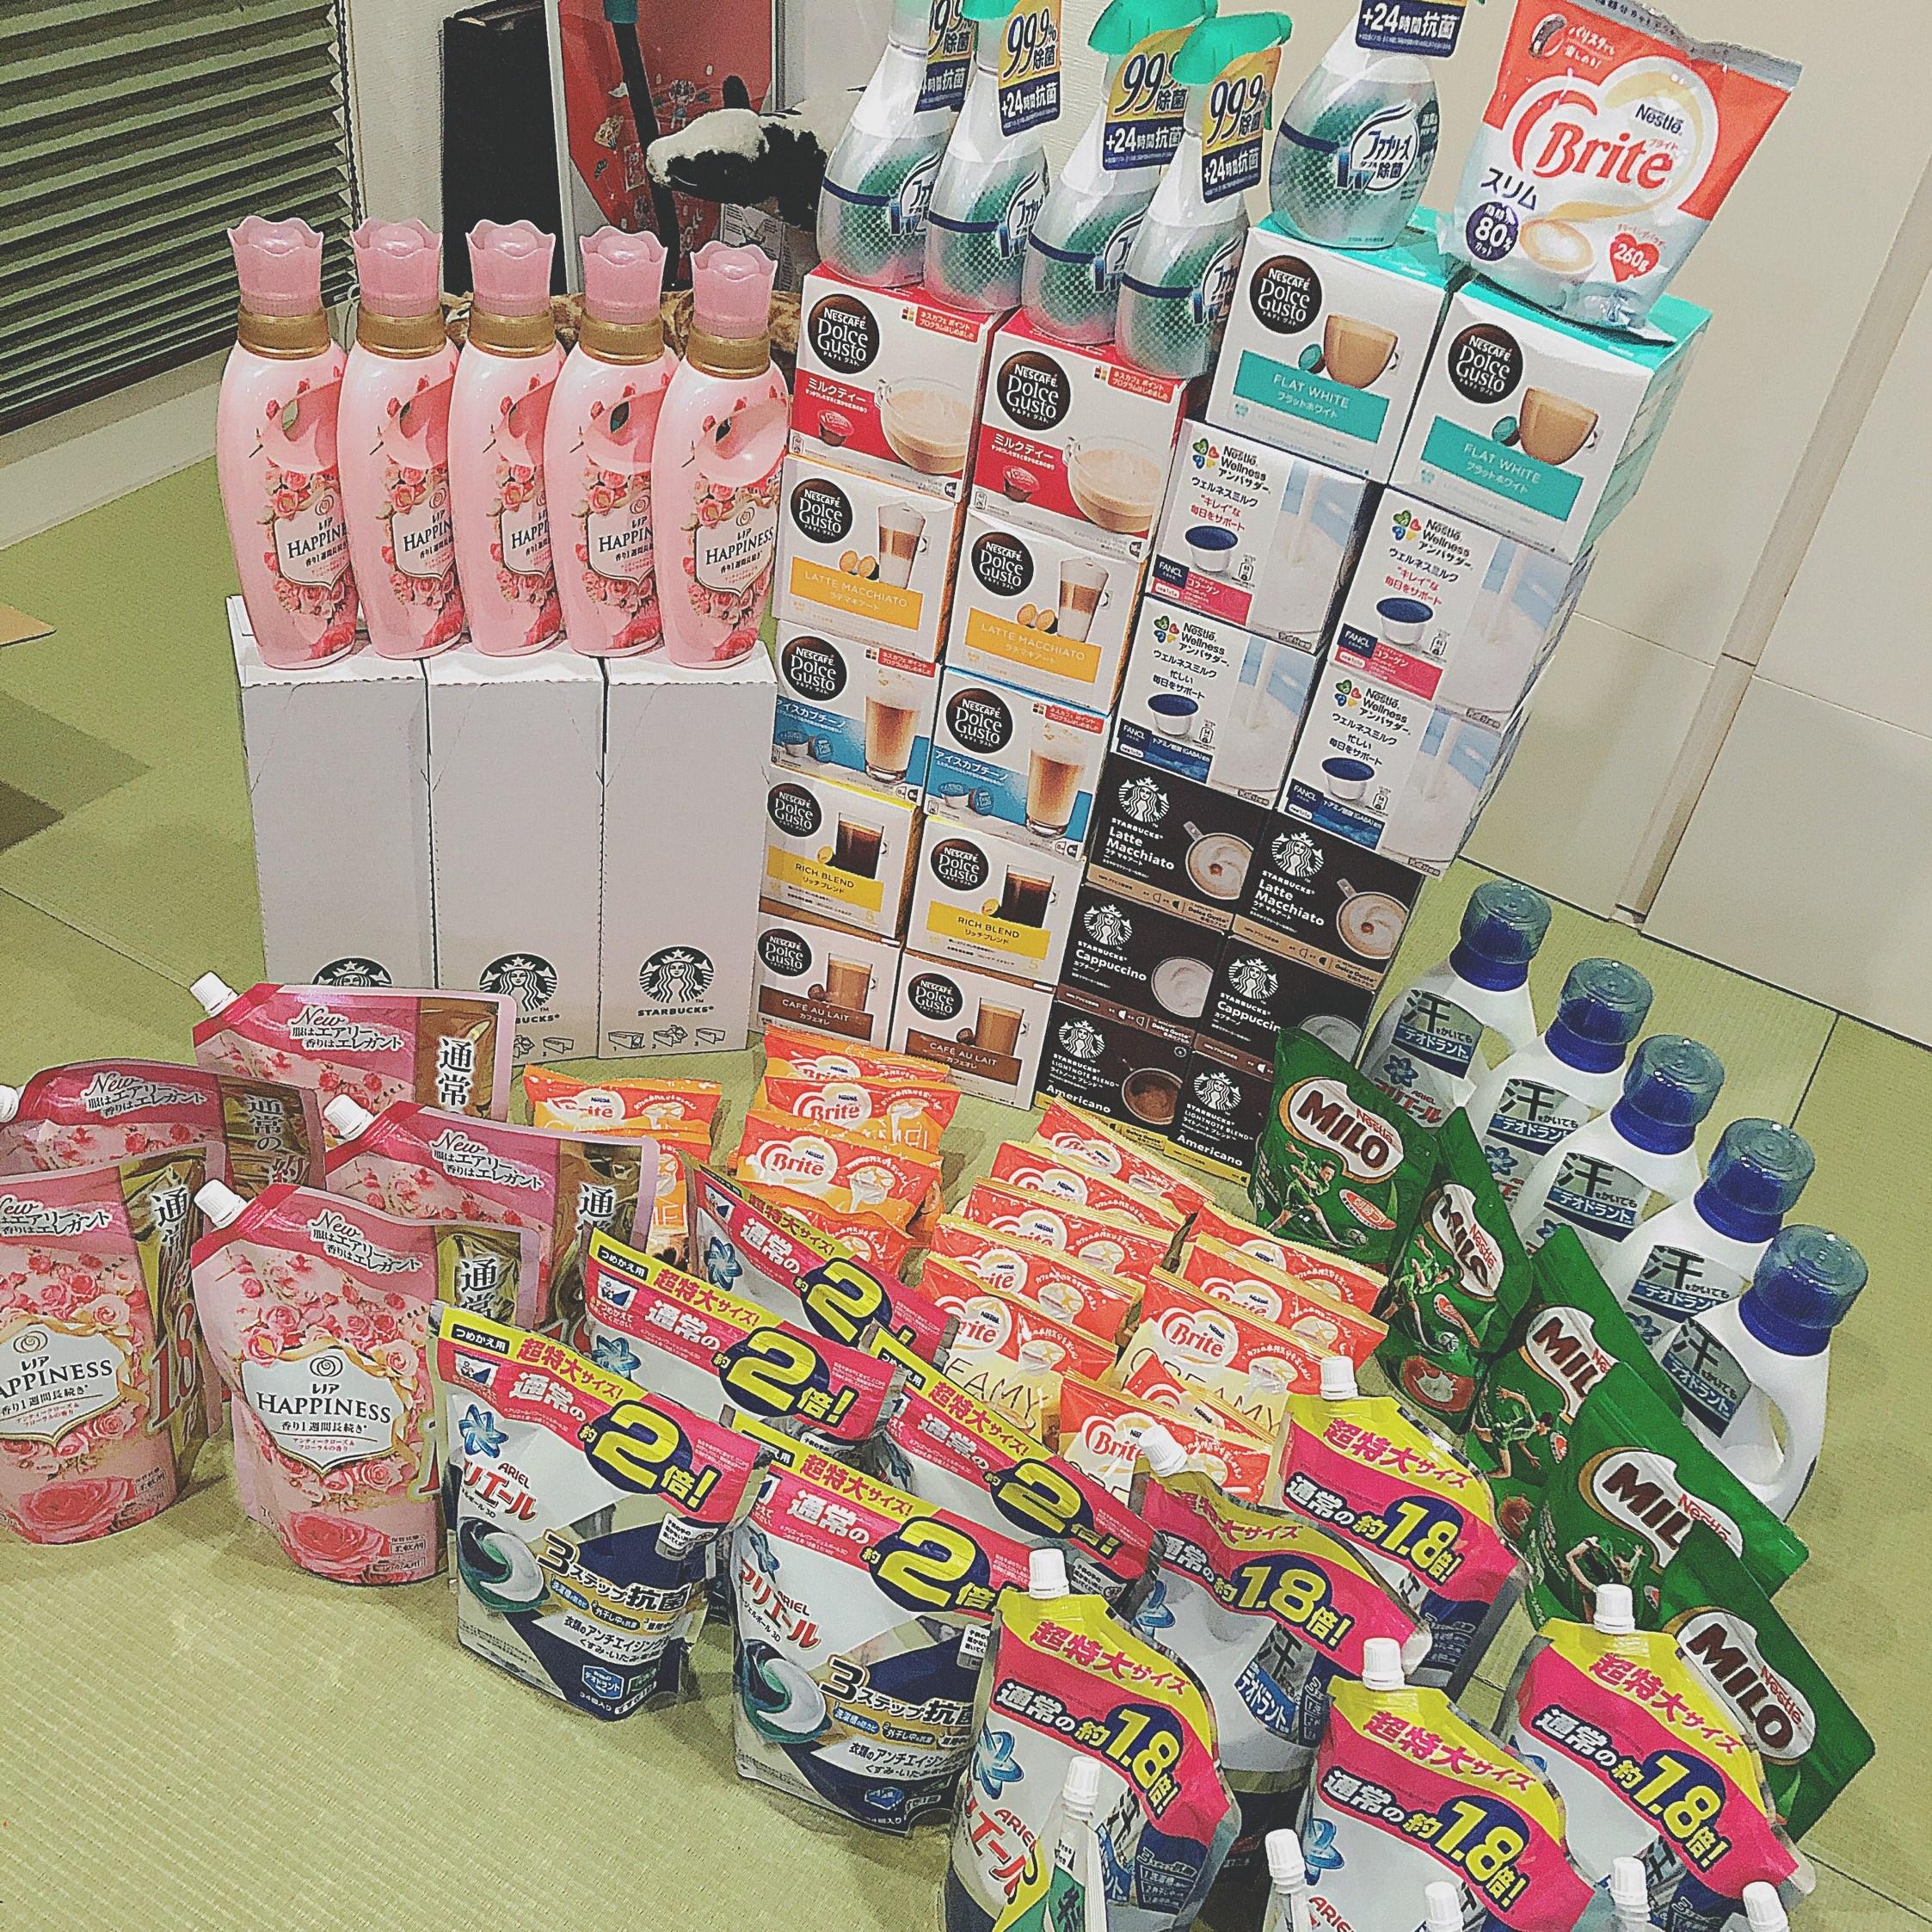 13日まで!✨合計9万円もらえる!✨ネスレ 冬のいい買い物キャンペーン